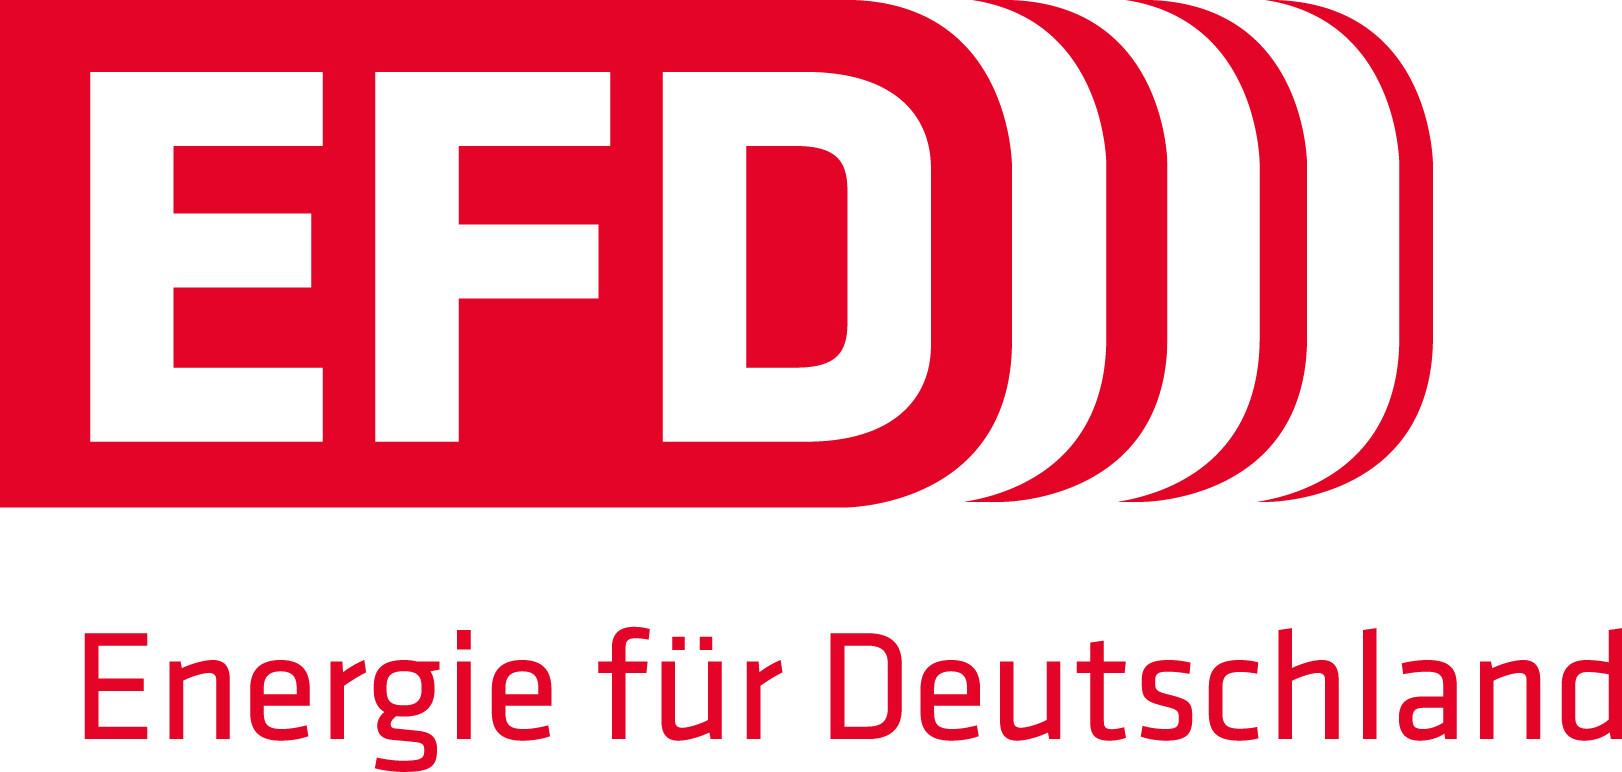 EFD GmbH - Energie für Deutschland